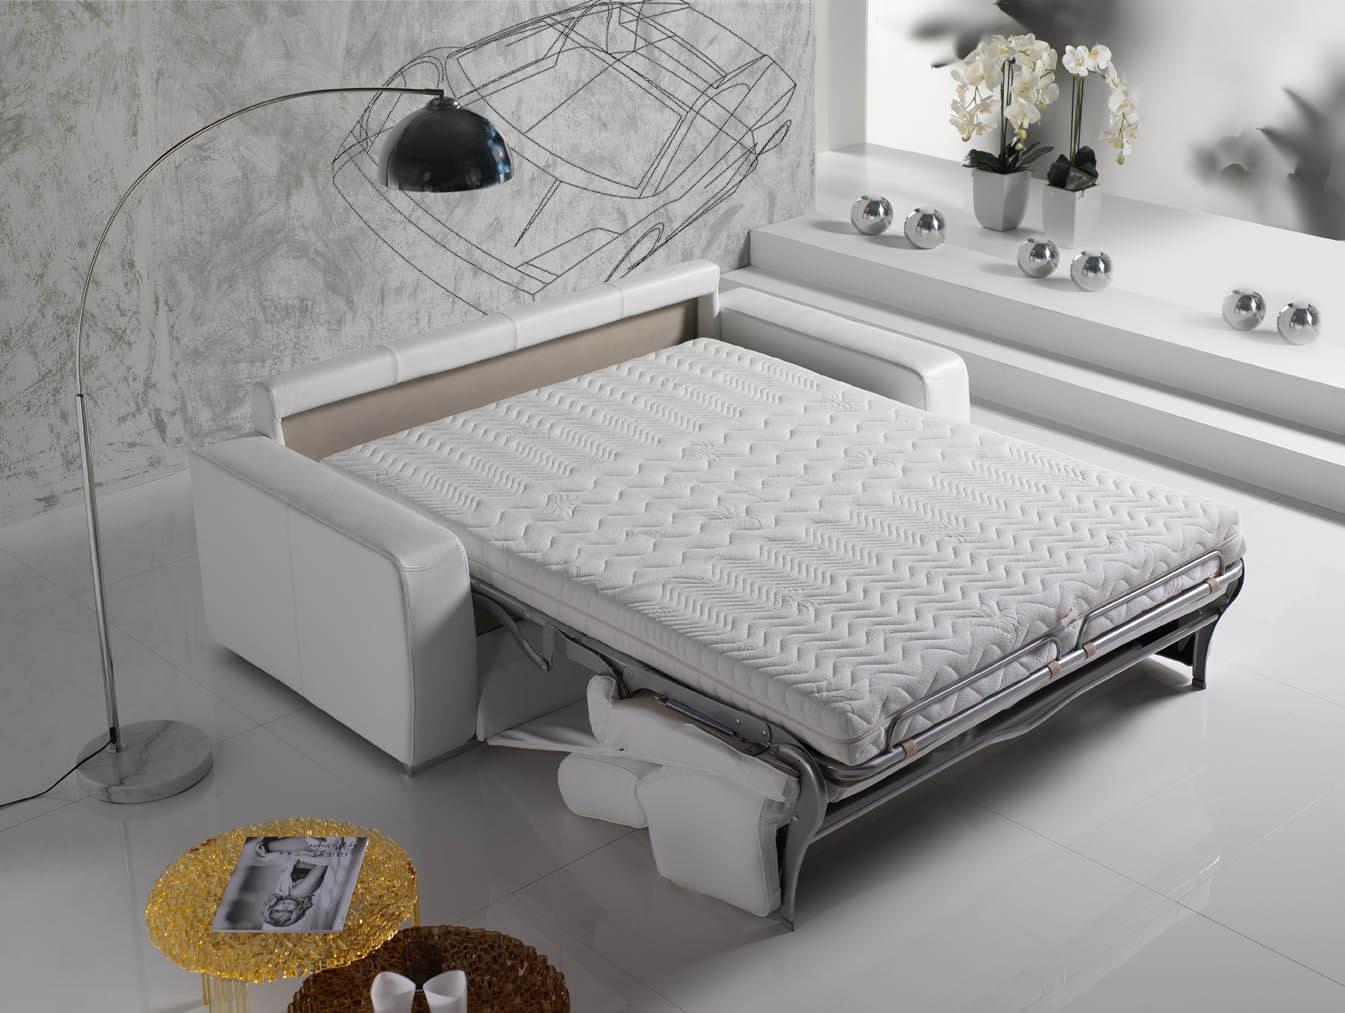 Divano letto modello siberia arredamento zona giorno - Divano letto 2 metri ...